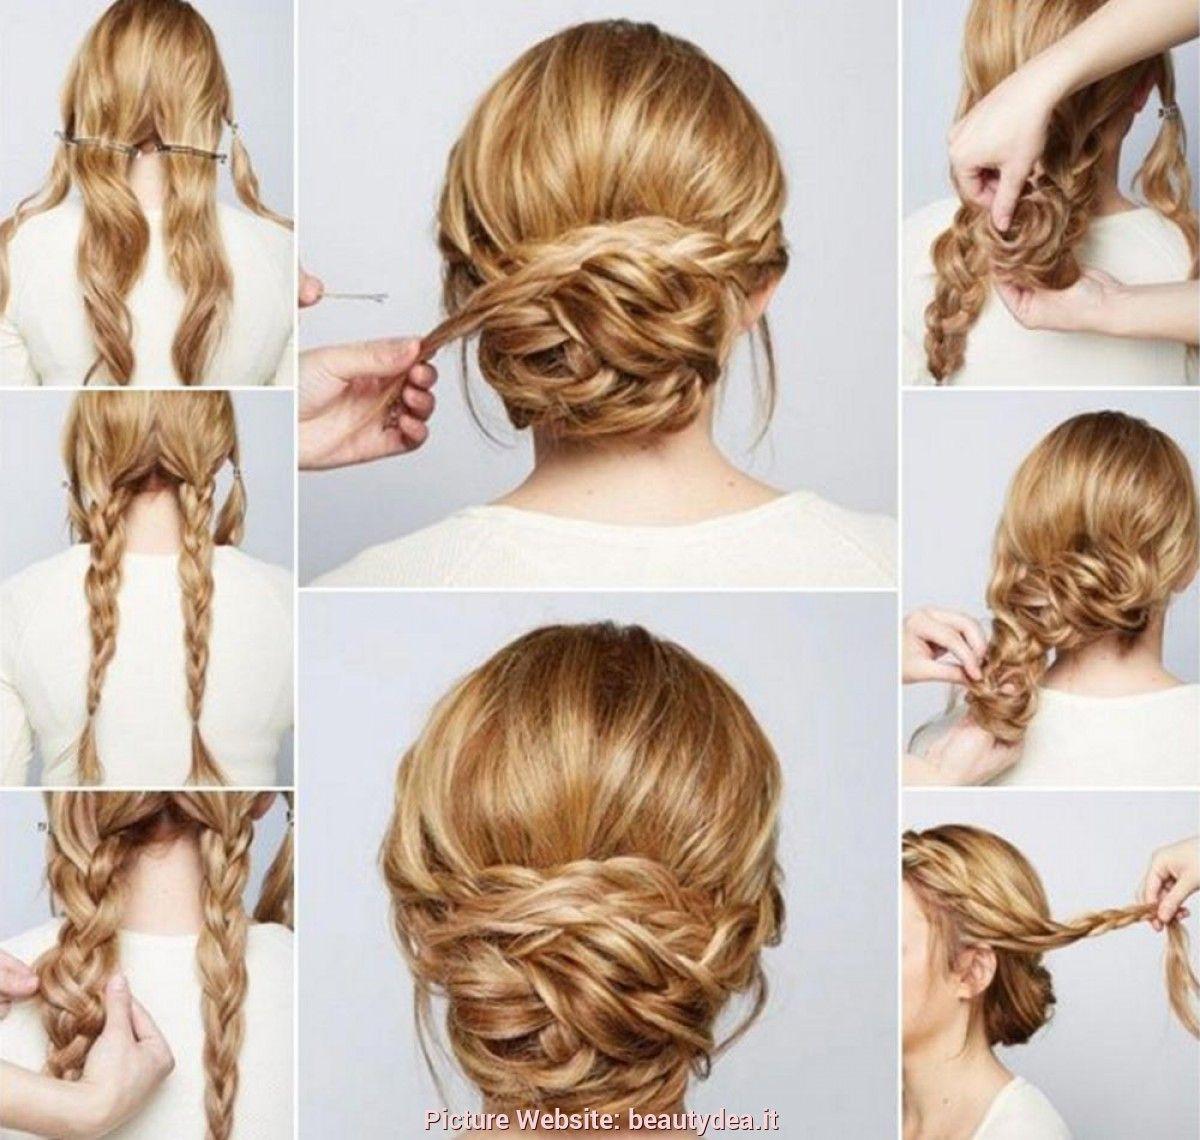 Attraktive Lange Haare Diy Frisuren Attraktive Frisuren Haare Lange Frisur Hochgesteckt Hochsteckfrisuren Lange Haare Geflochtene Frisuren